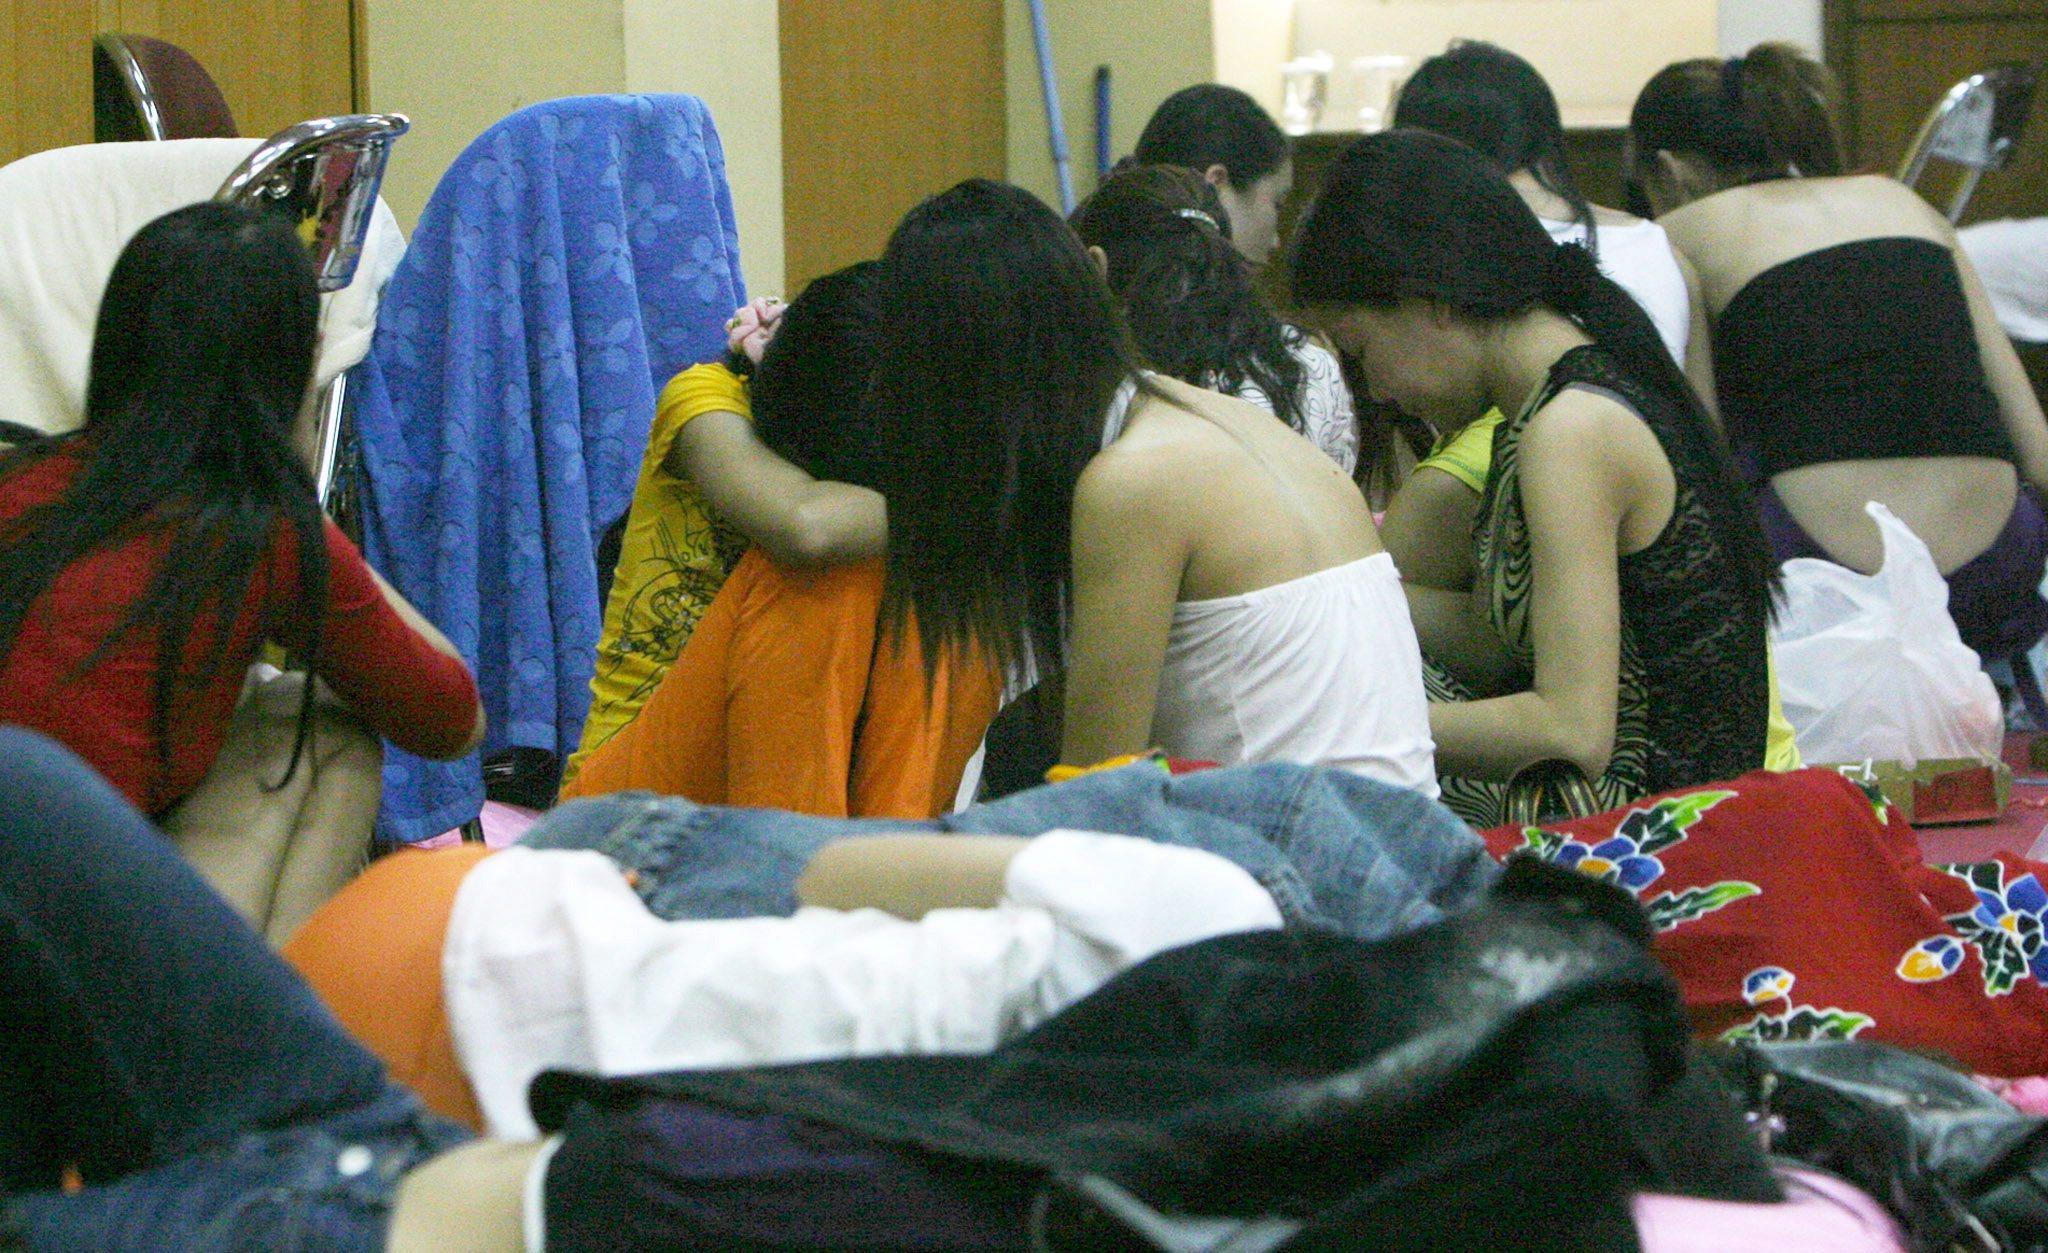 Foto: emisorasunidas.com